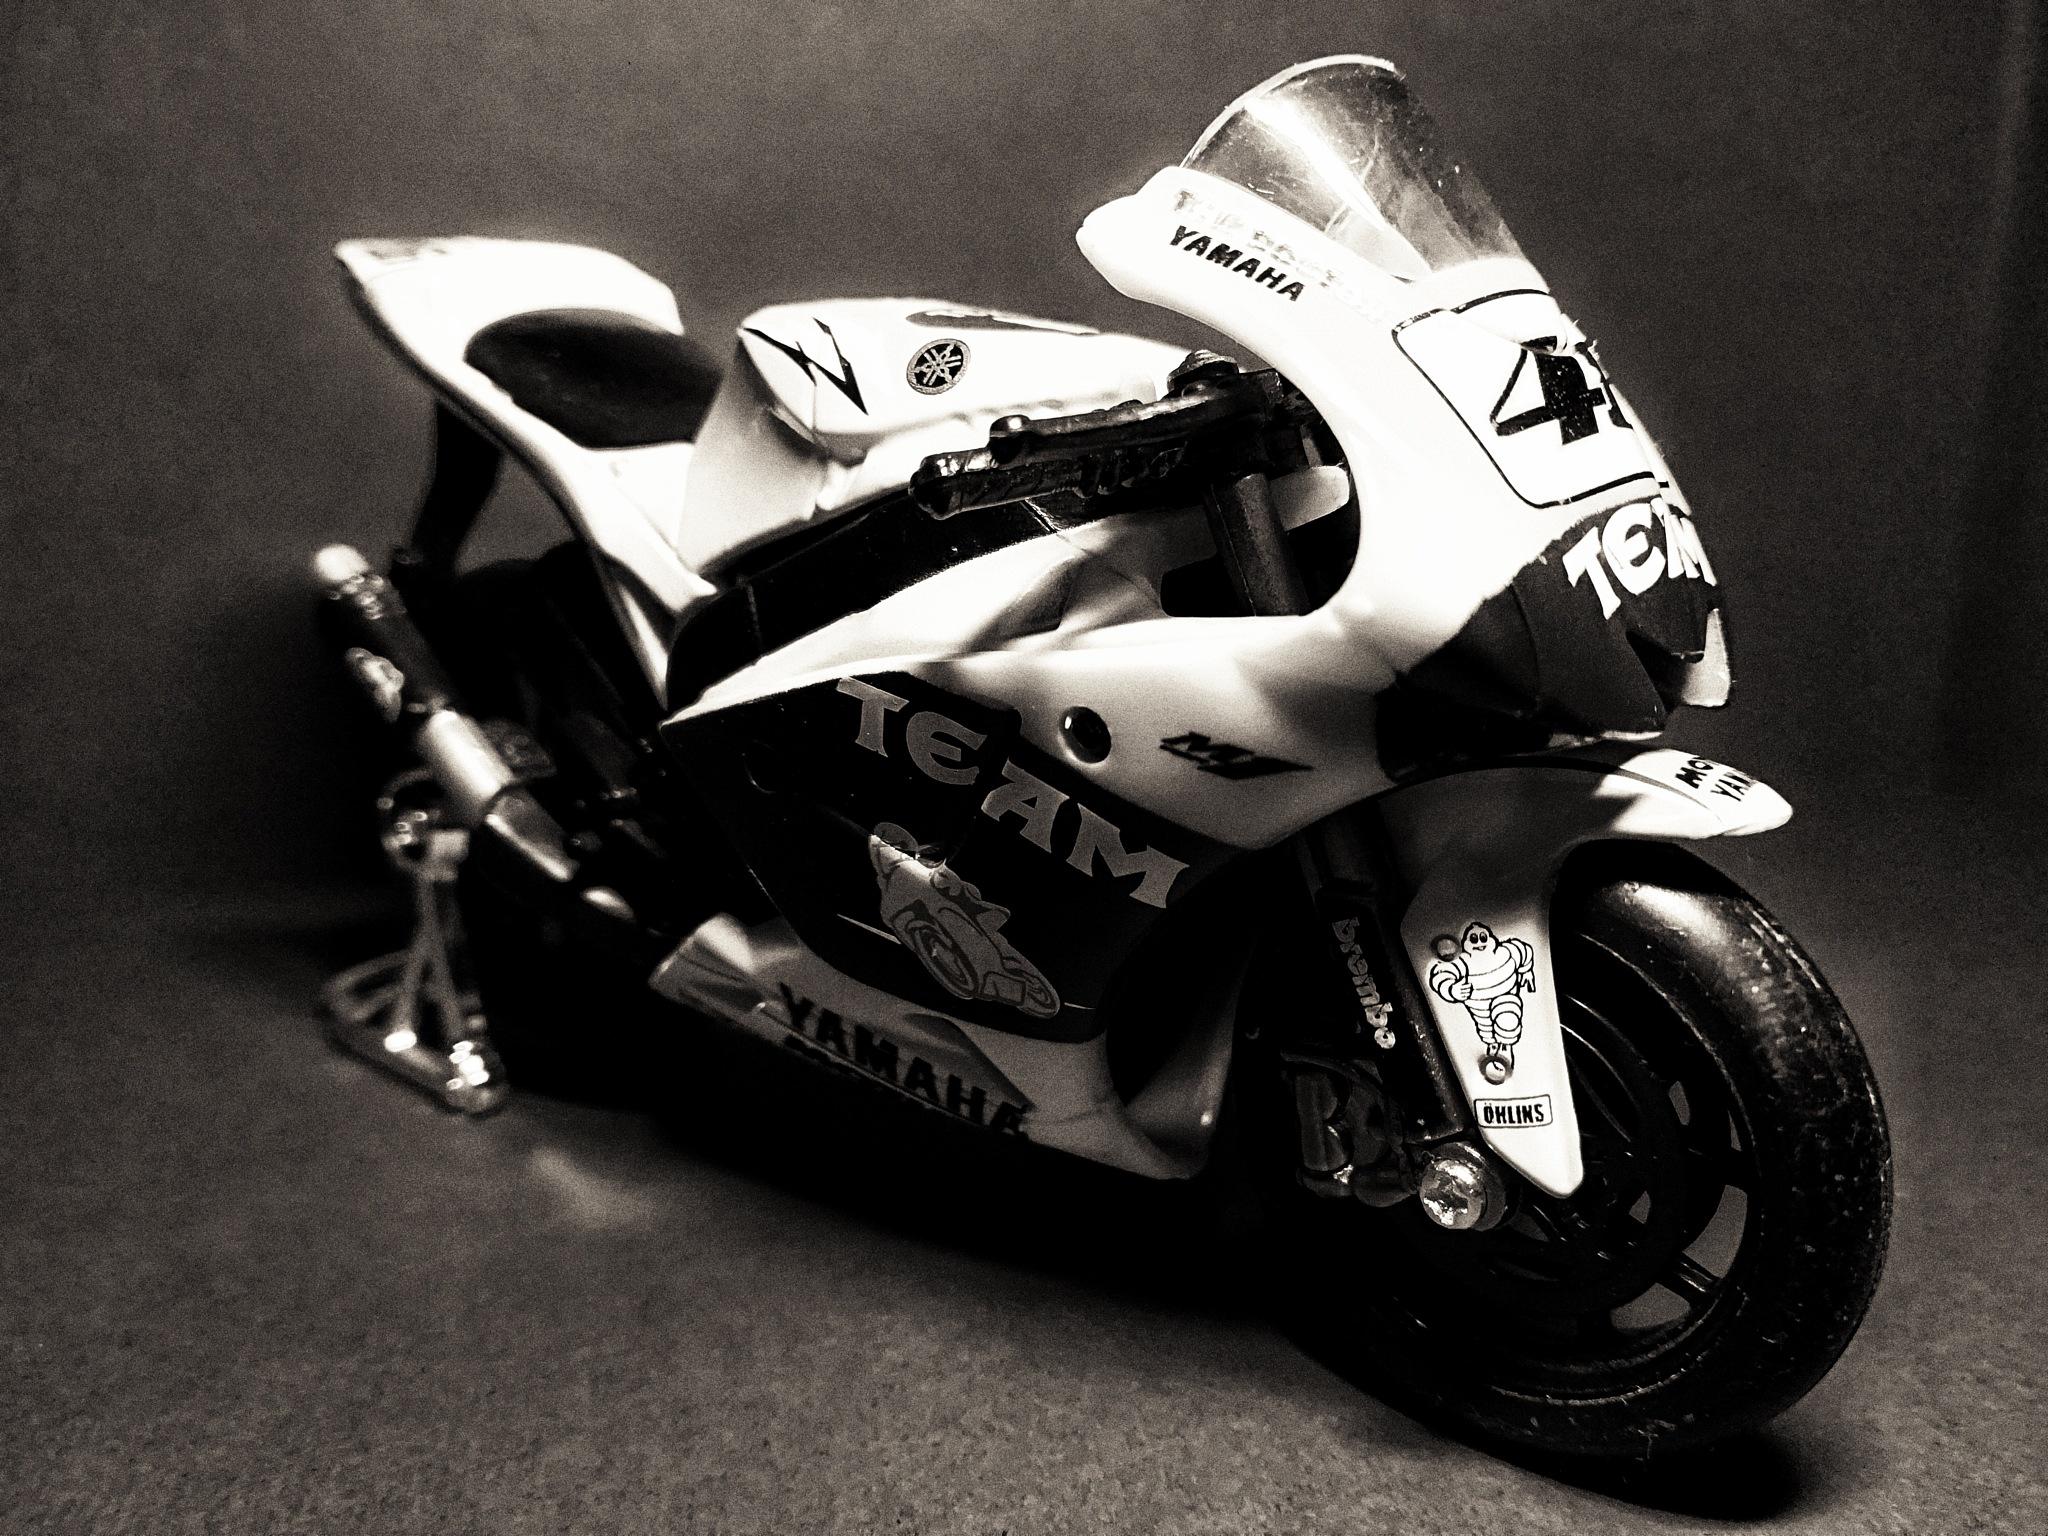 Yamaha M1 by Fabrizio Balanzoni